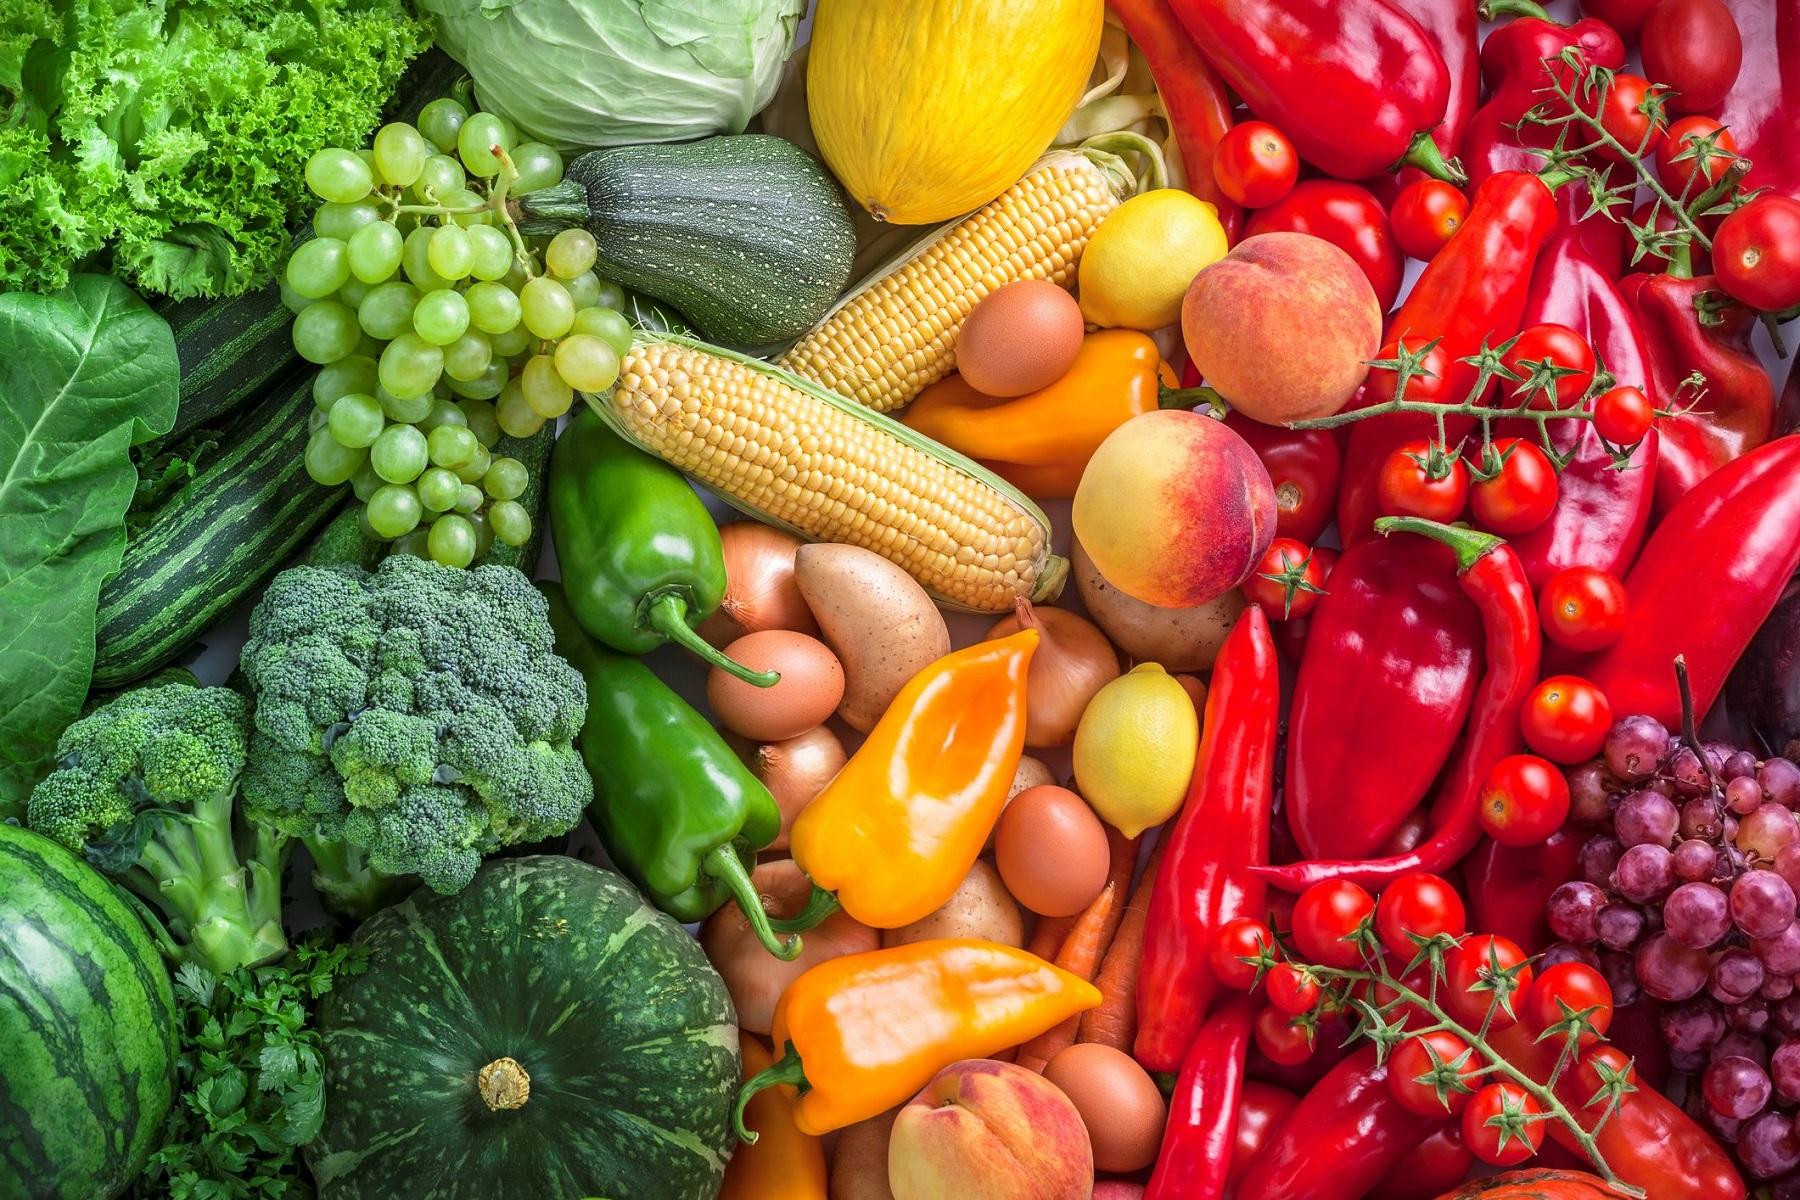 Φλεγμονές Διατροφή: Η ενισχυμένη δράση ορισμένων τροφών όταν συνδυάζονται